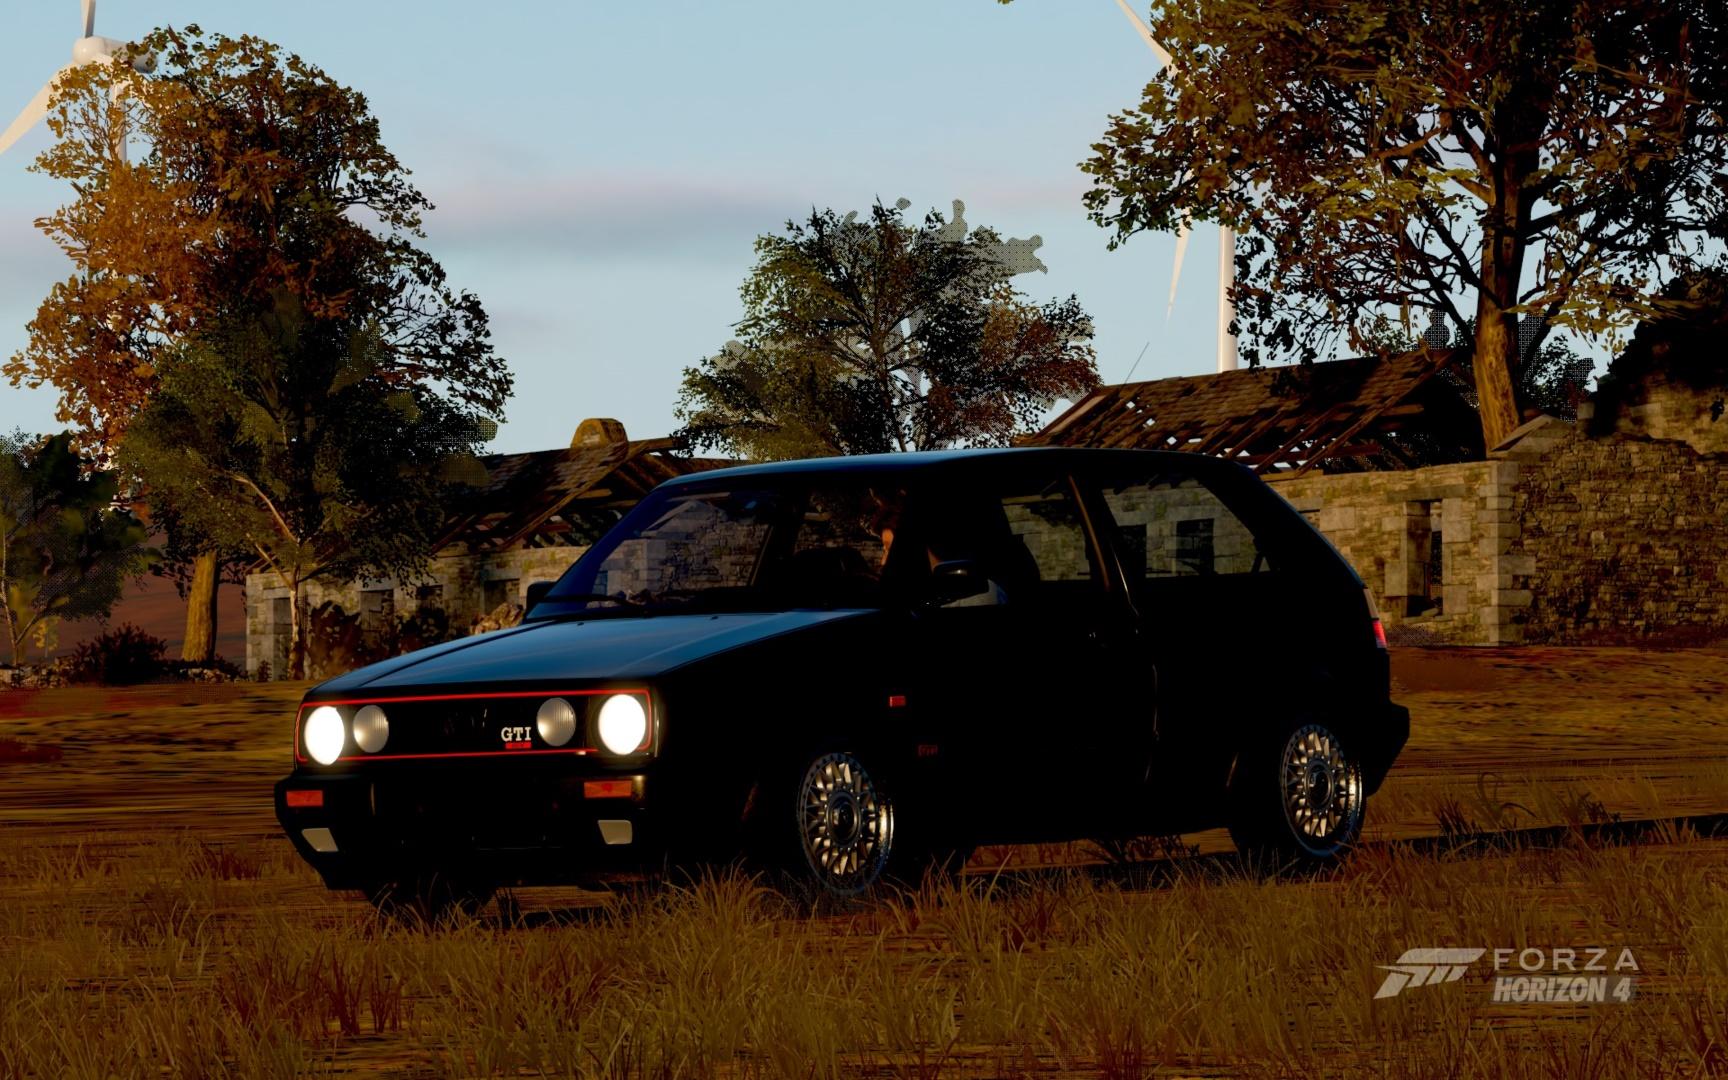 Forza_06.jpg